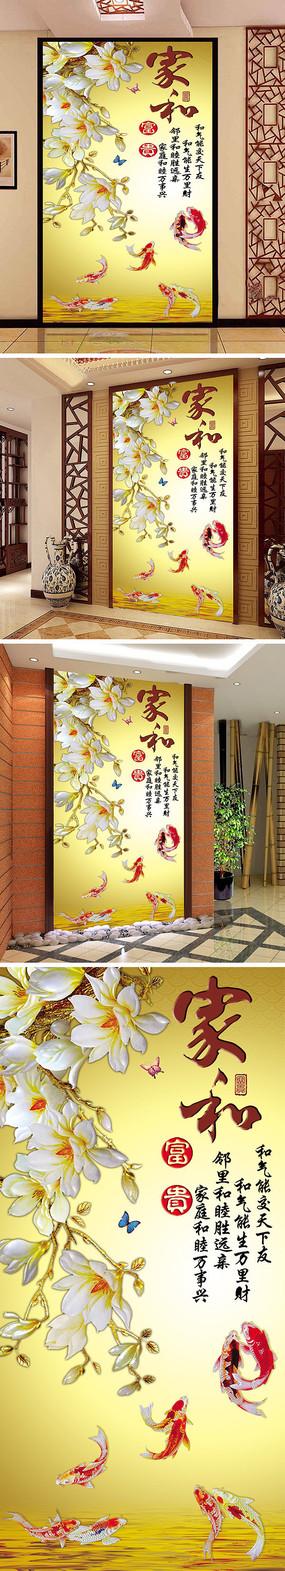 家和富贵玉兰花鲤鱼玄关背景墙